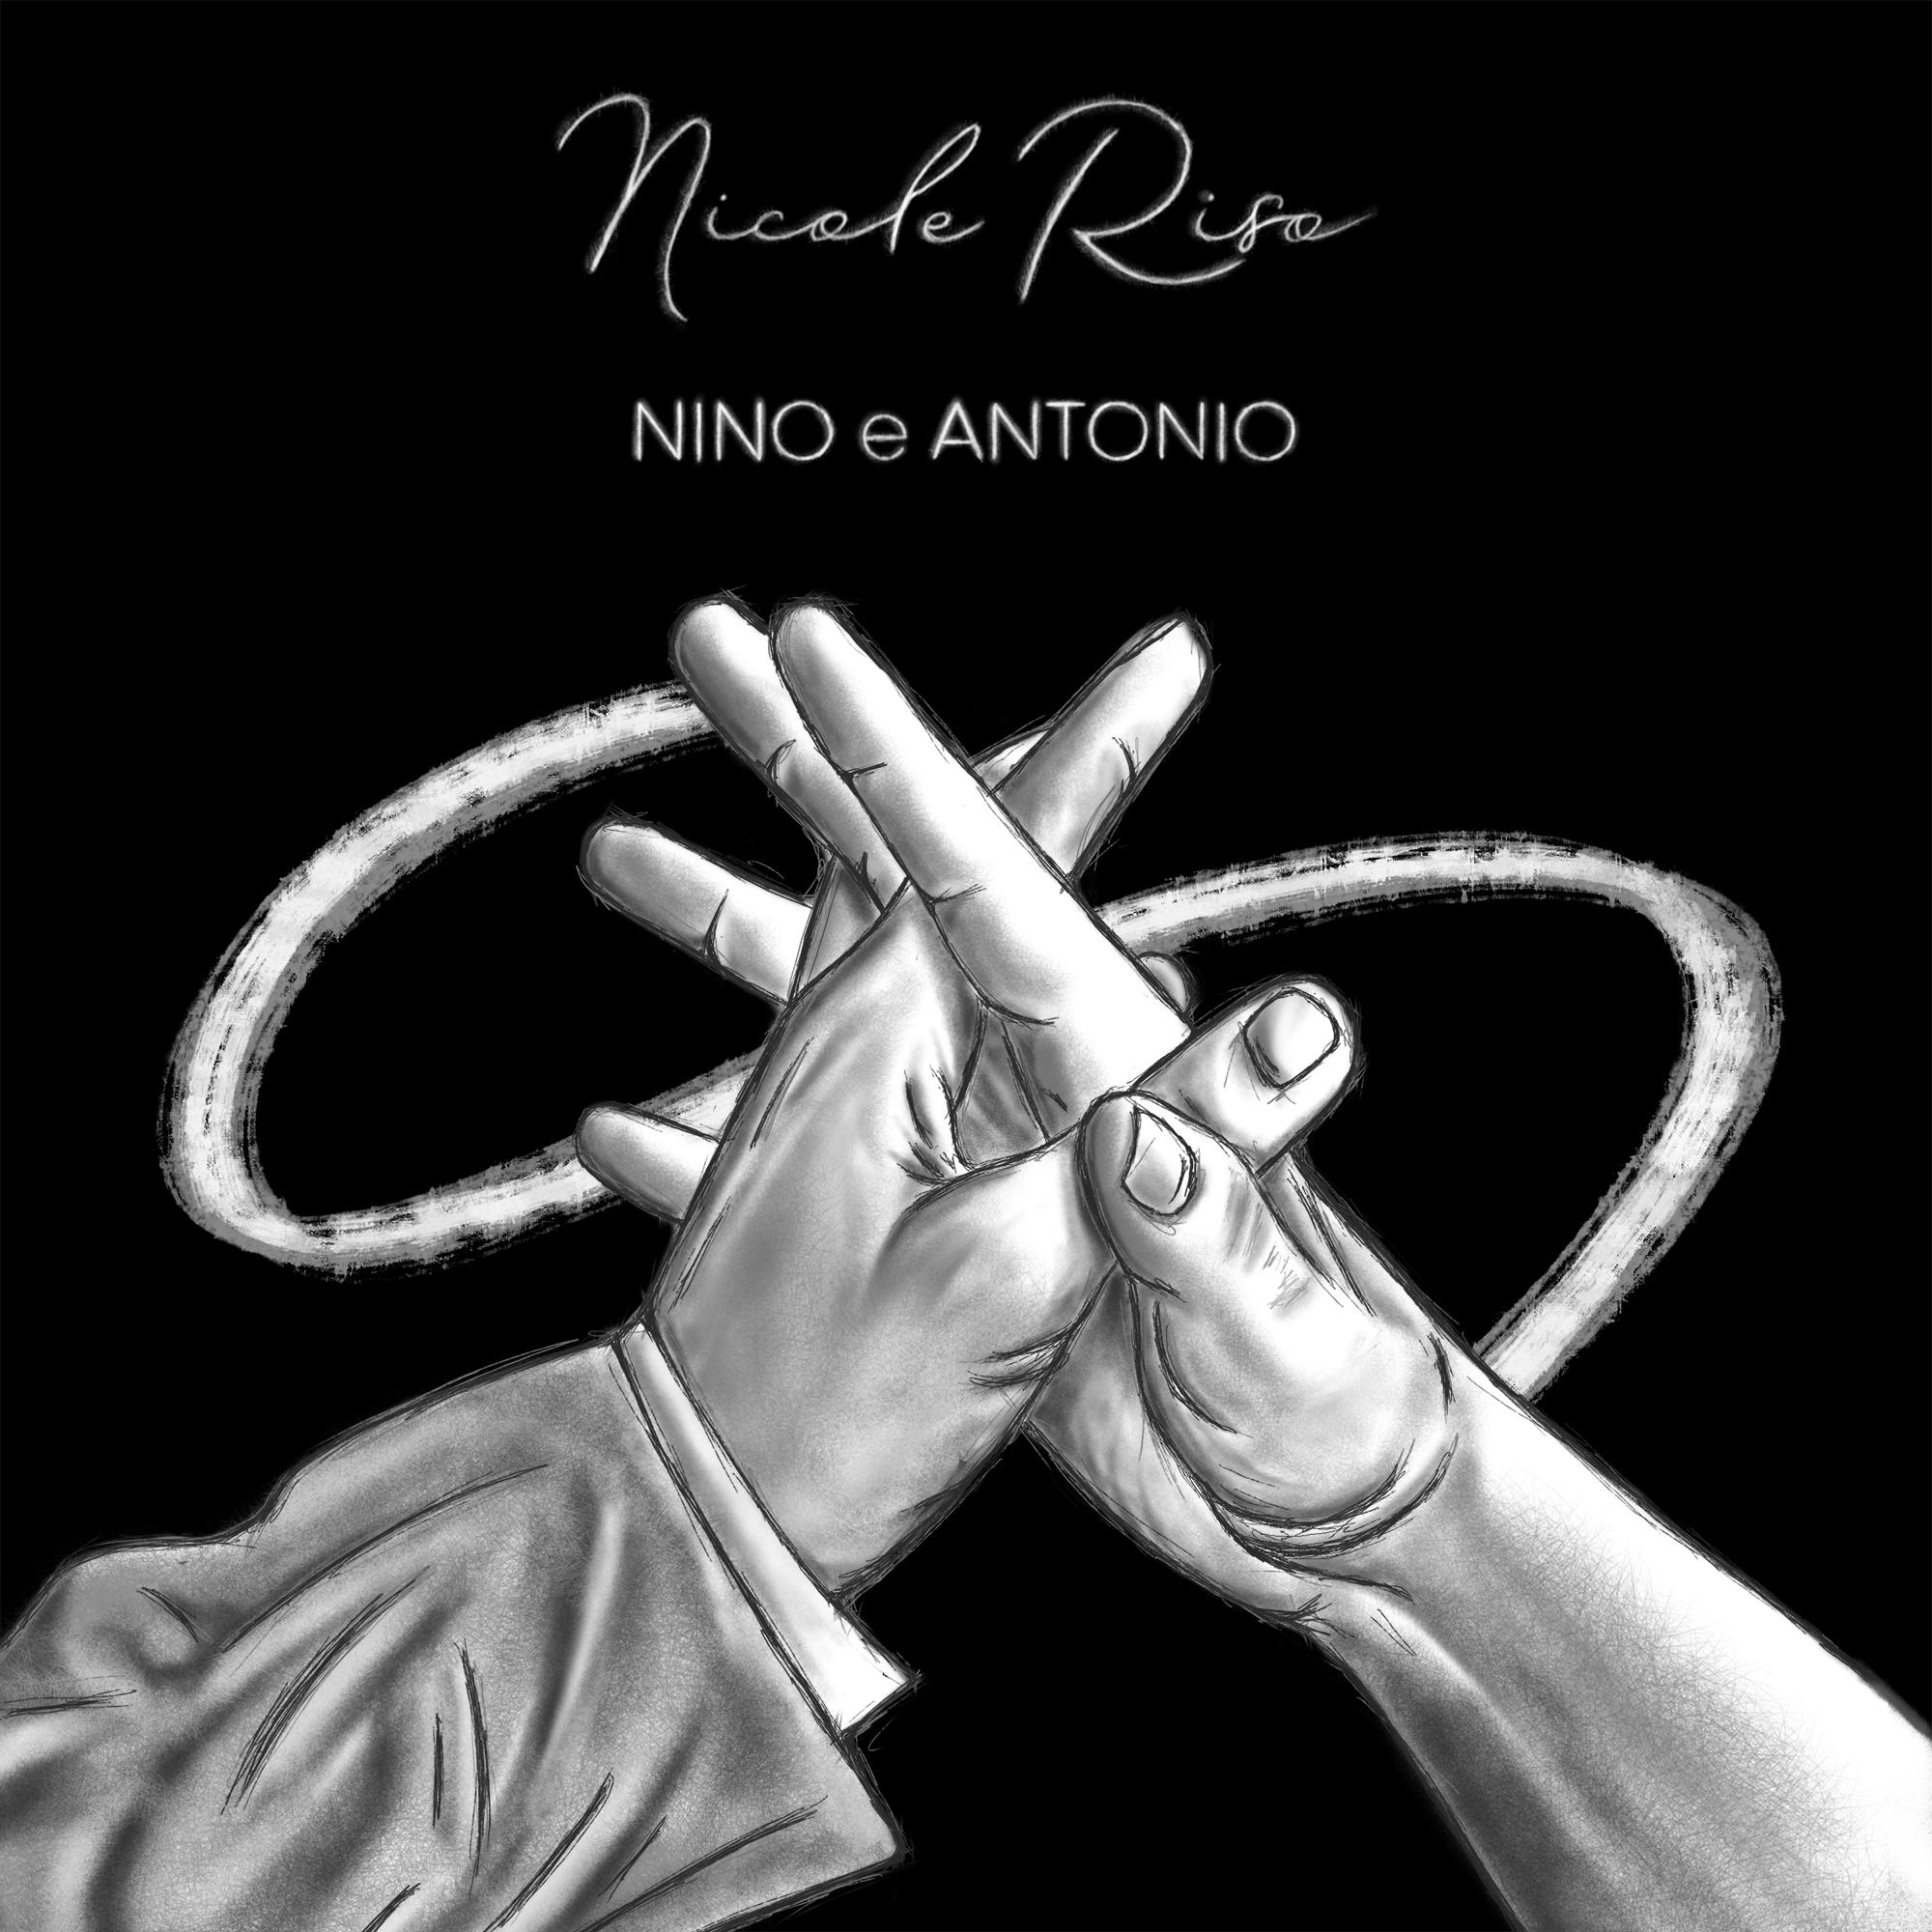 """L'omofobia nel nuovo singolo di Nicole Riso """"Nino e Antonio"""""""